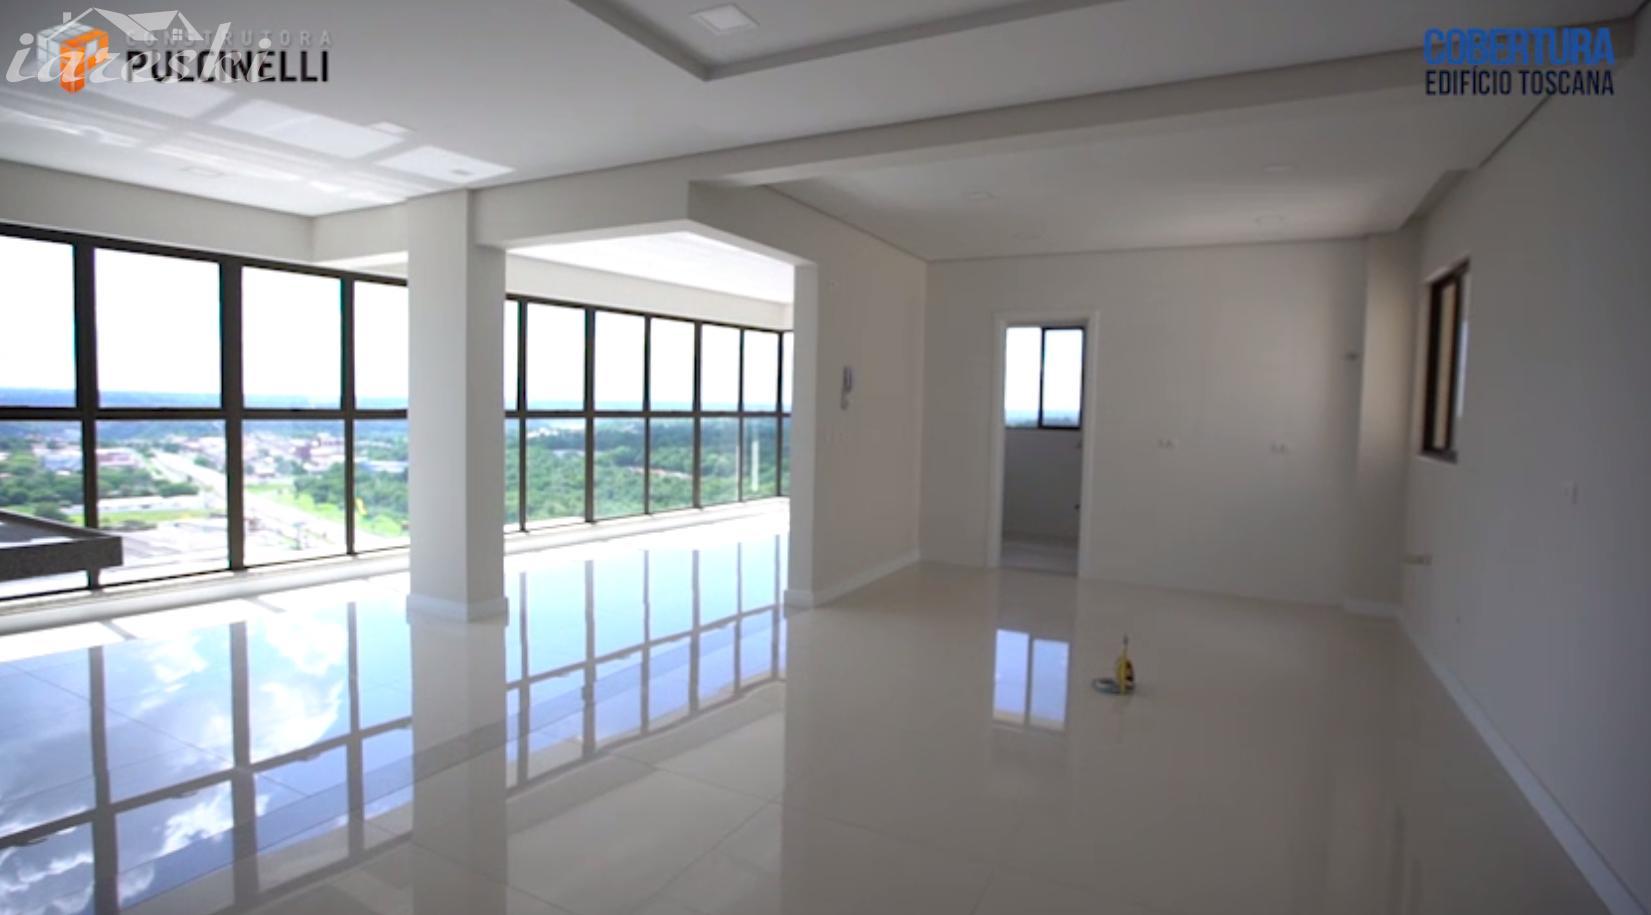 Apartamento, edifício Toscana